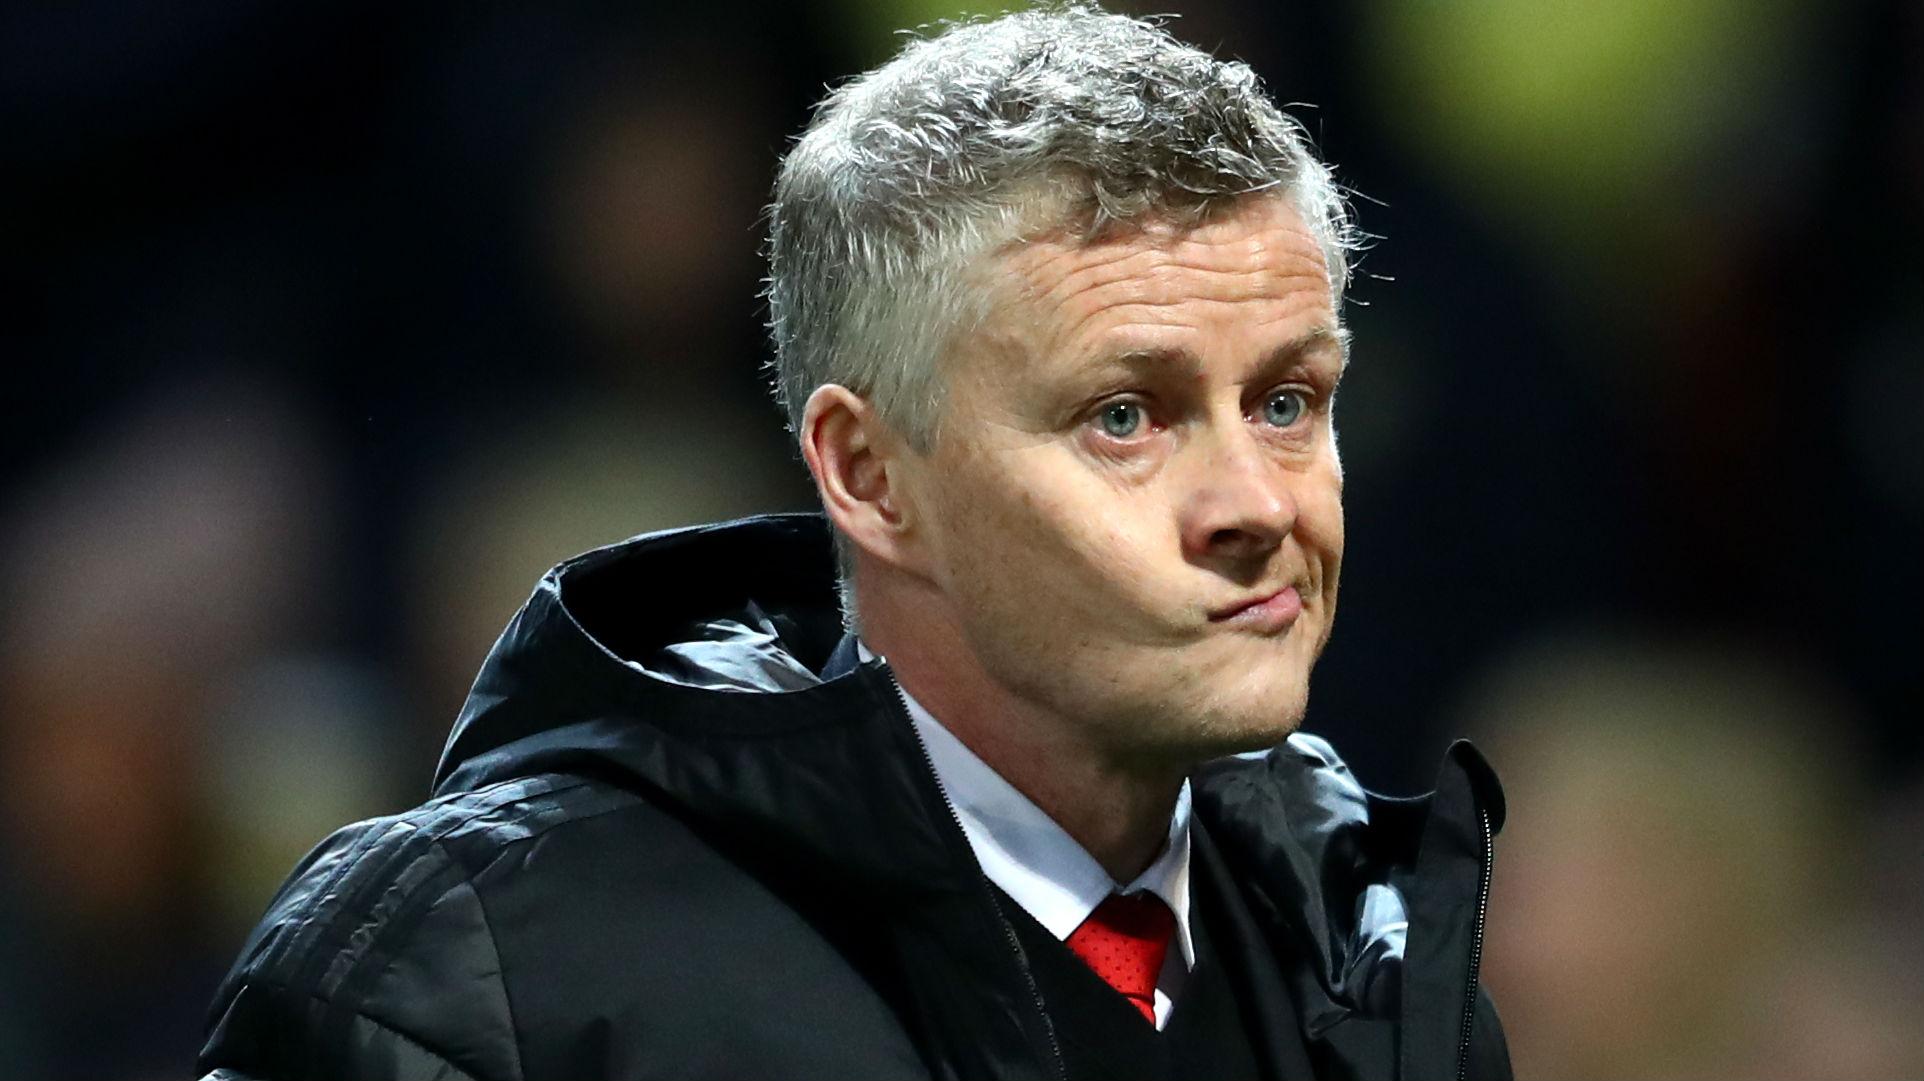 Dấu ấn chiến thuật: Man Utd thua vì sự bất đắc dĩ của Solskjaer - Bóng Đá